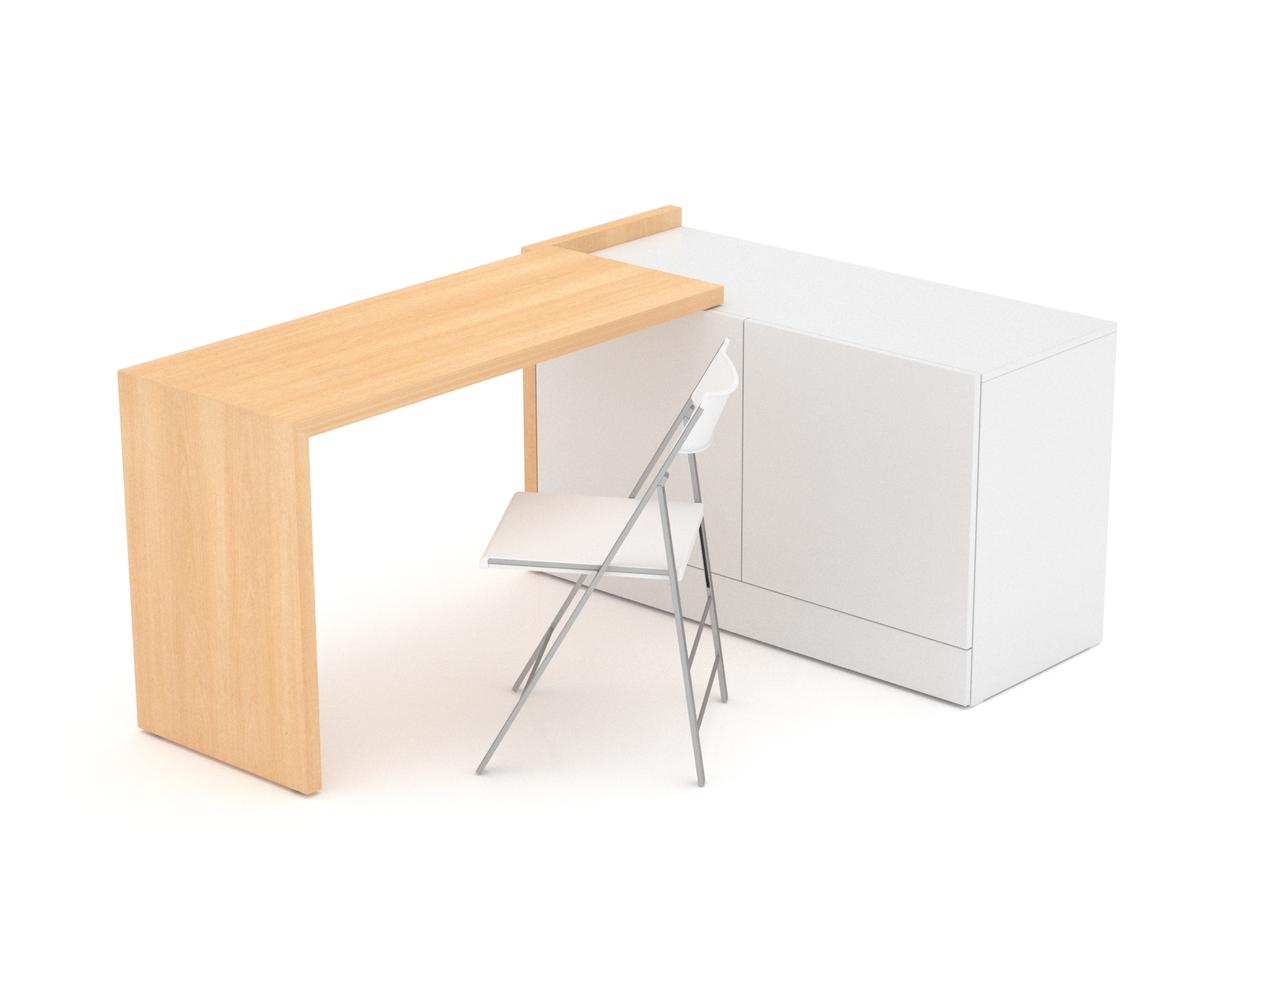 echtholzauswahl multifunktionsm bel. Black Bedroom Furniture Sets. Home Design Ideas